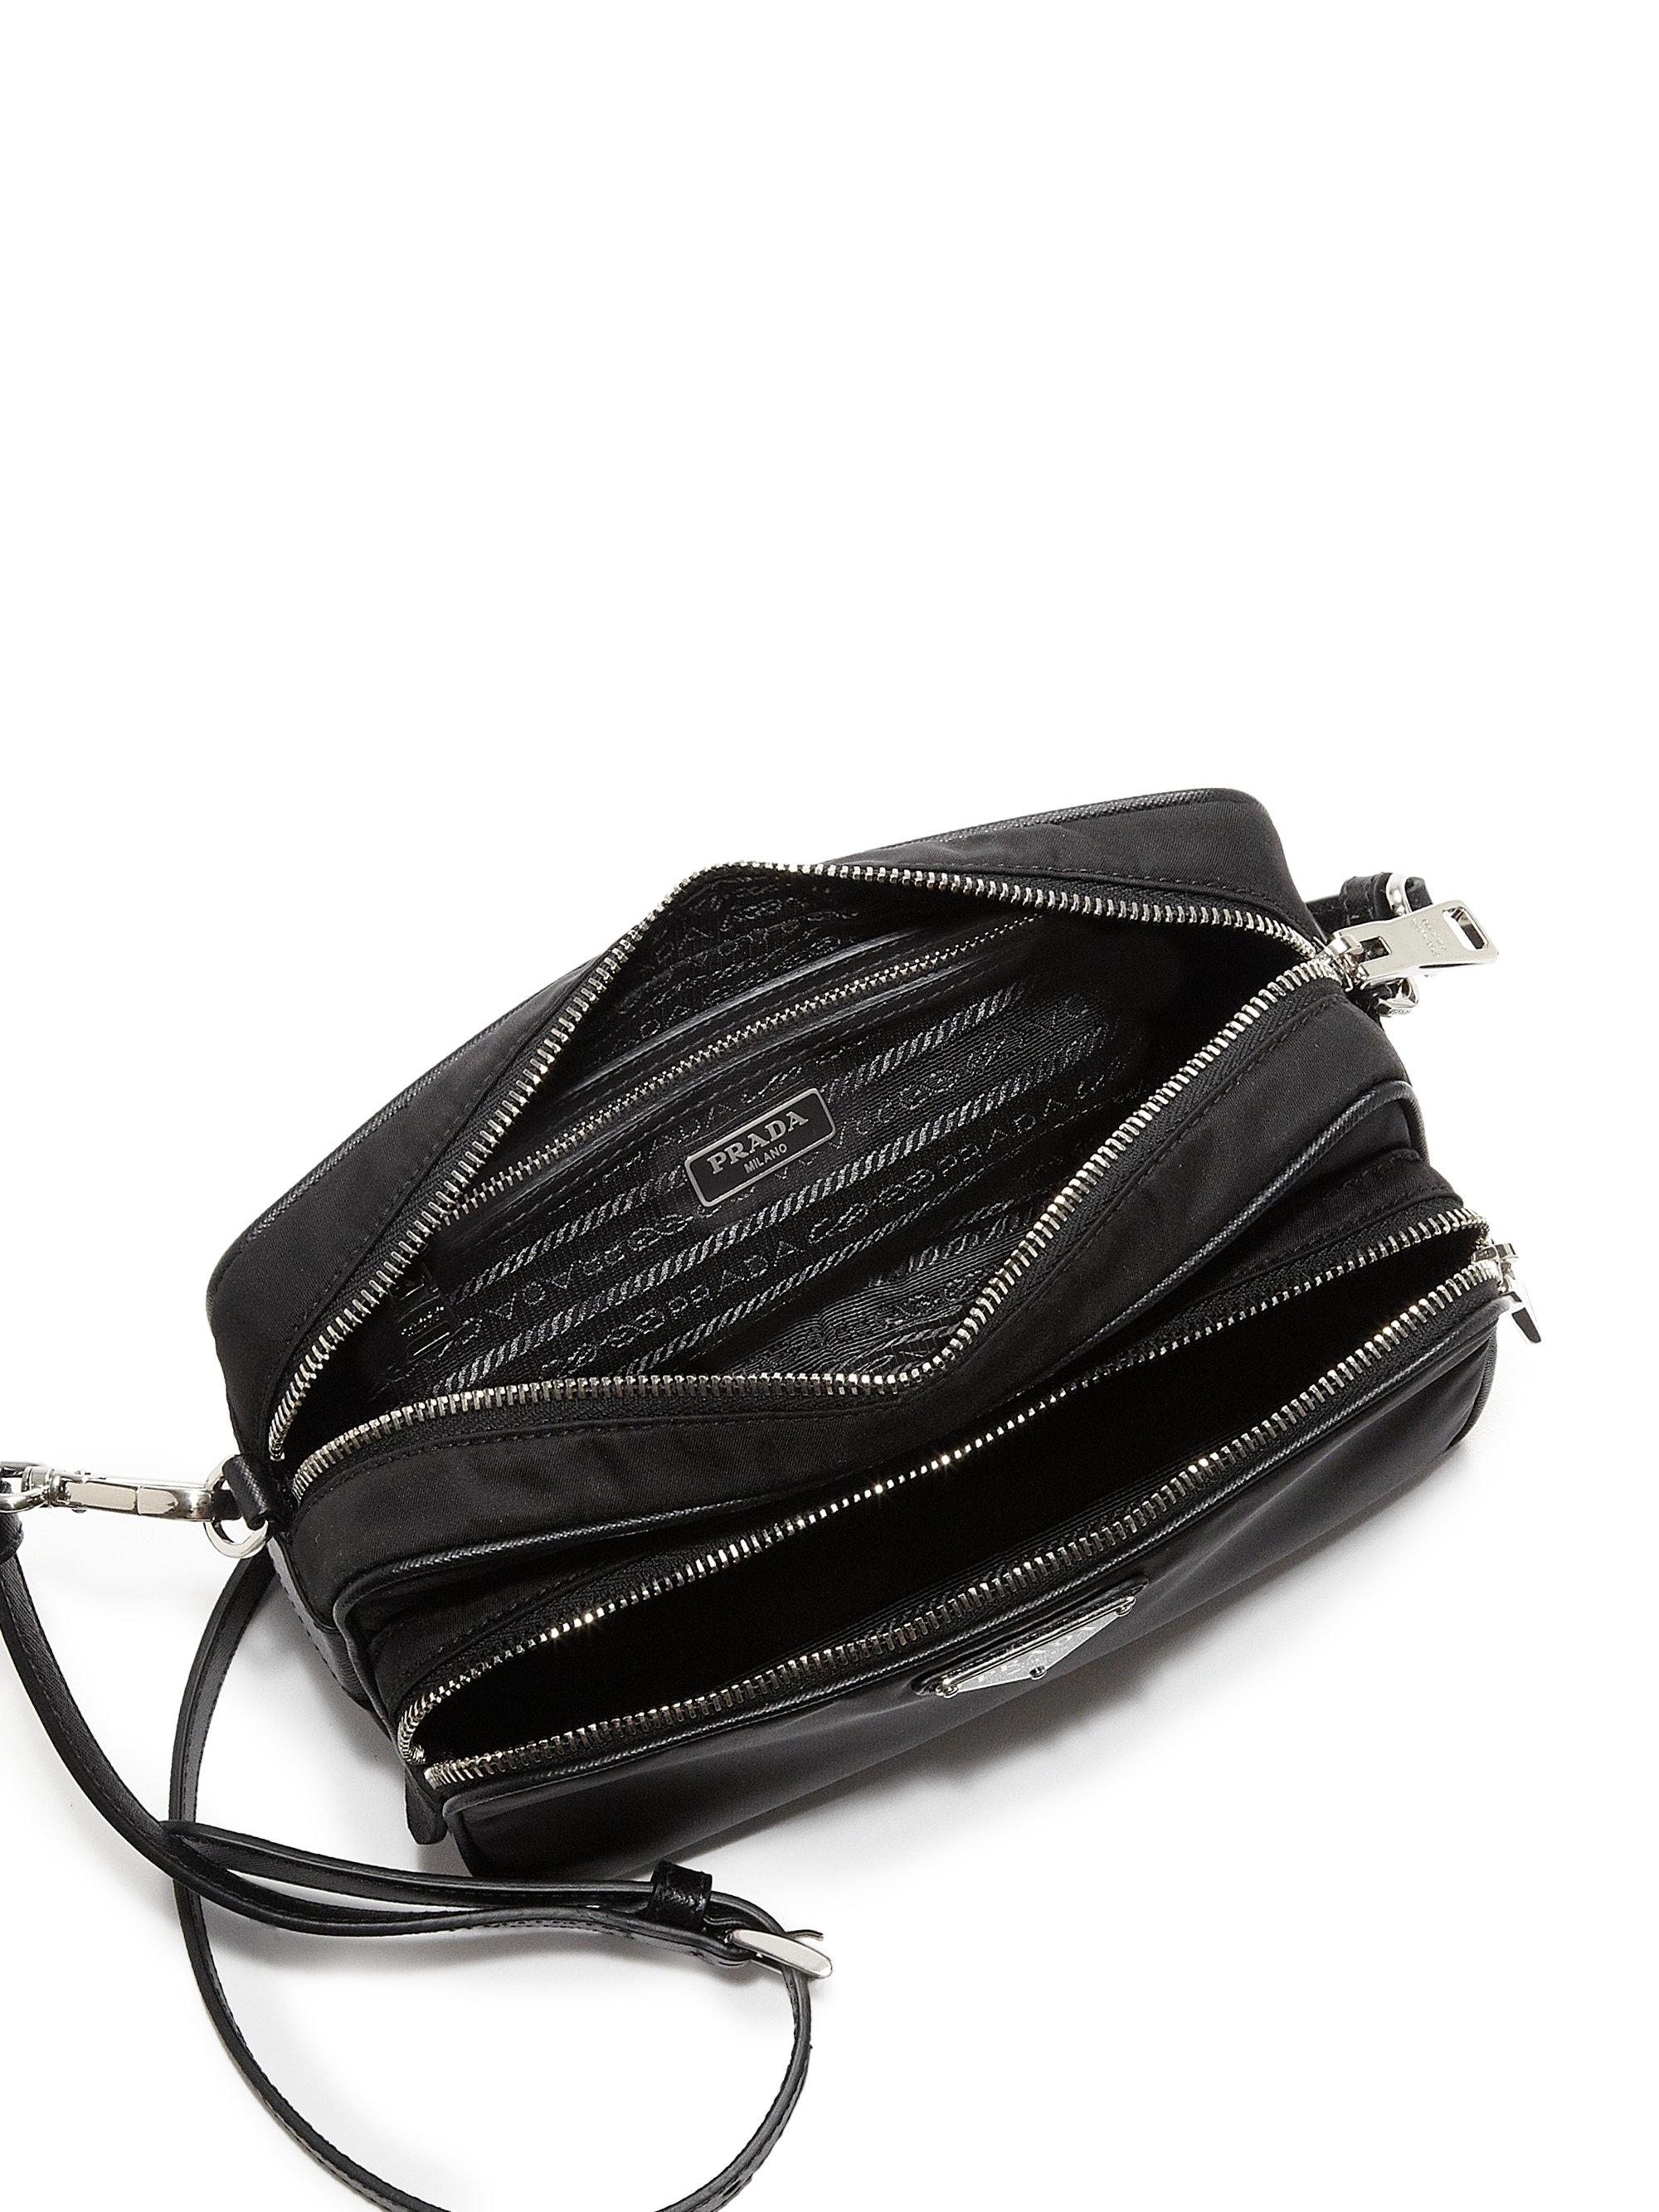 Prada Tessuto  u0026amp  Saffiano Camera Bag in Black  e7d53808a3b74